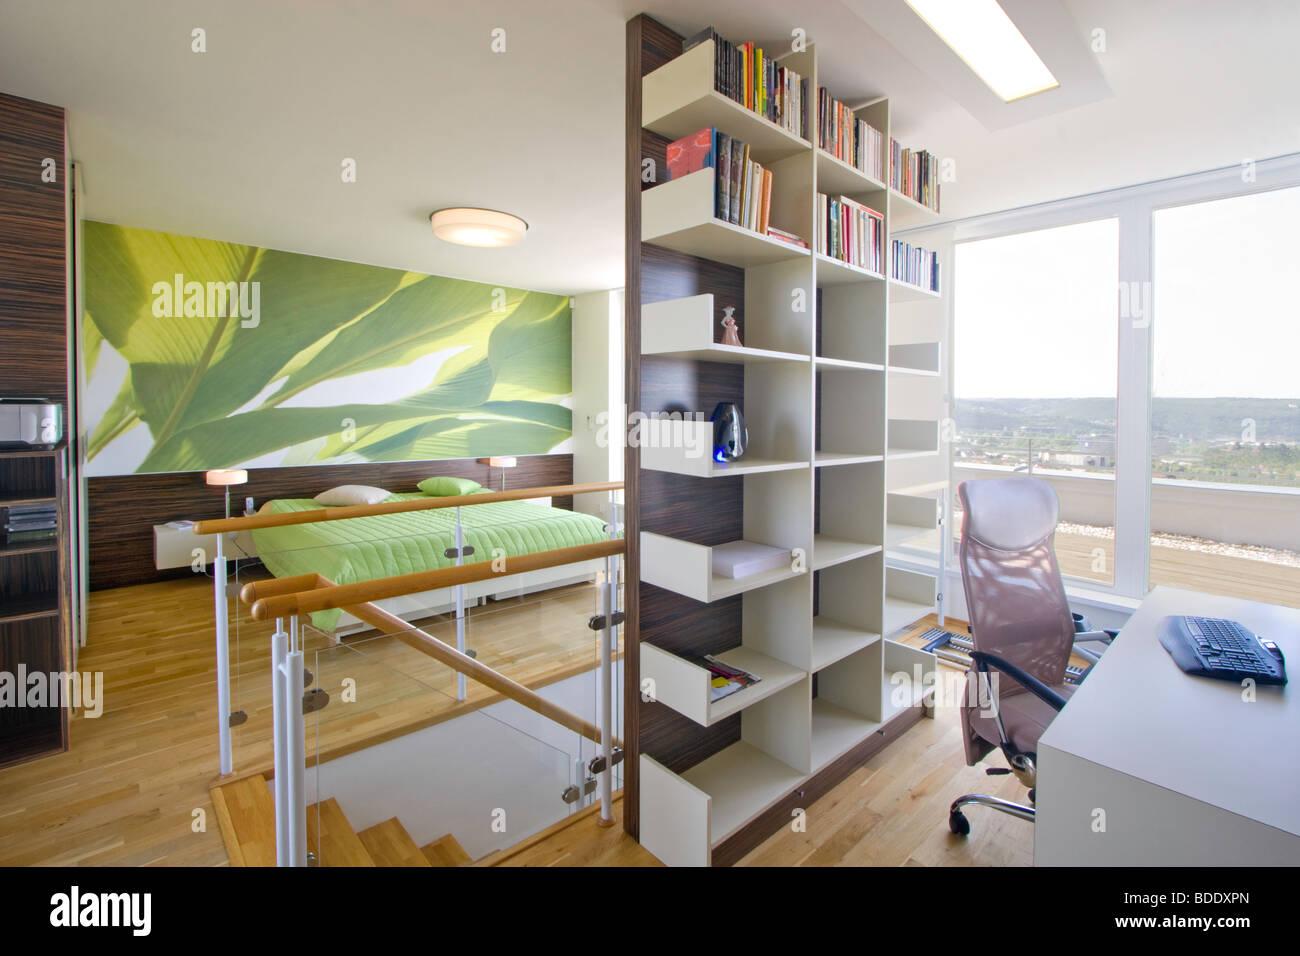 Schlafzimmer und Arbeitszimmer in modernen Haus Stockbild